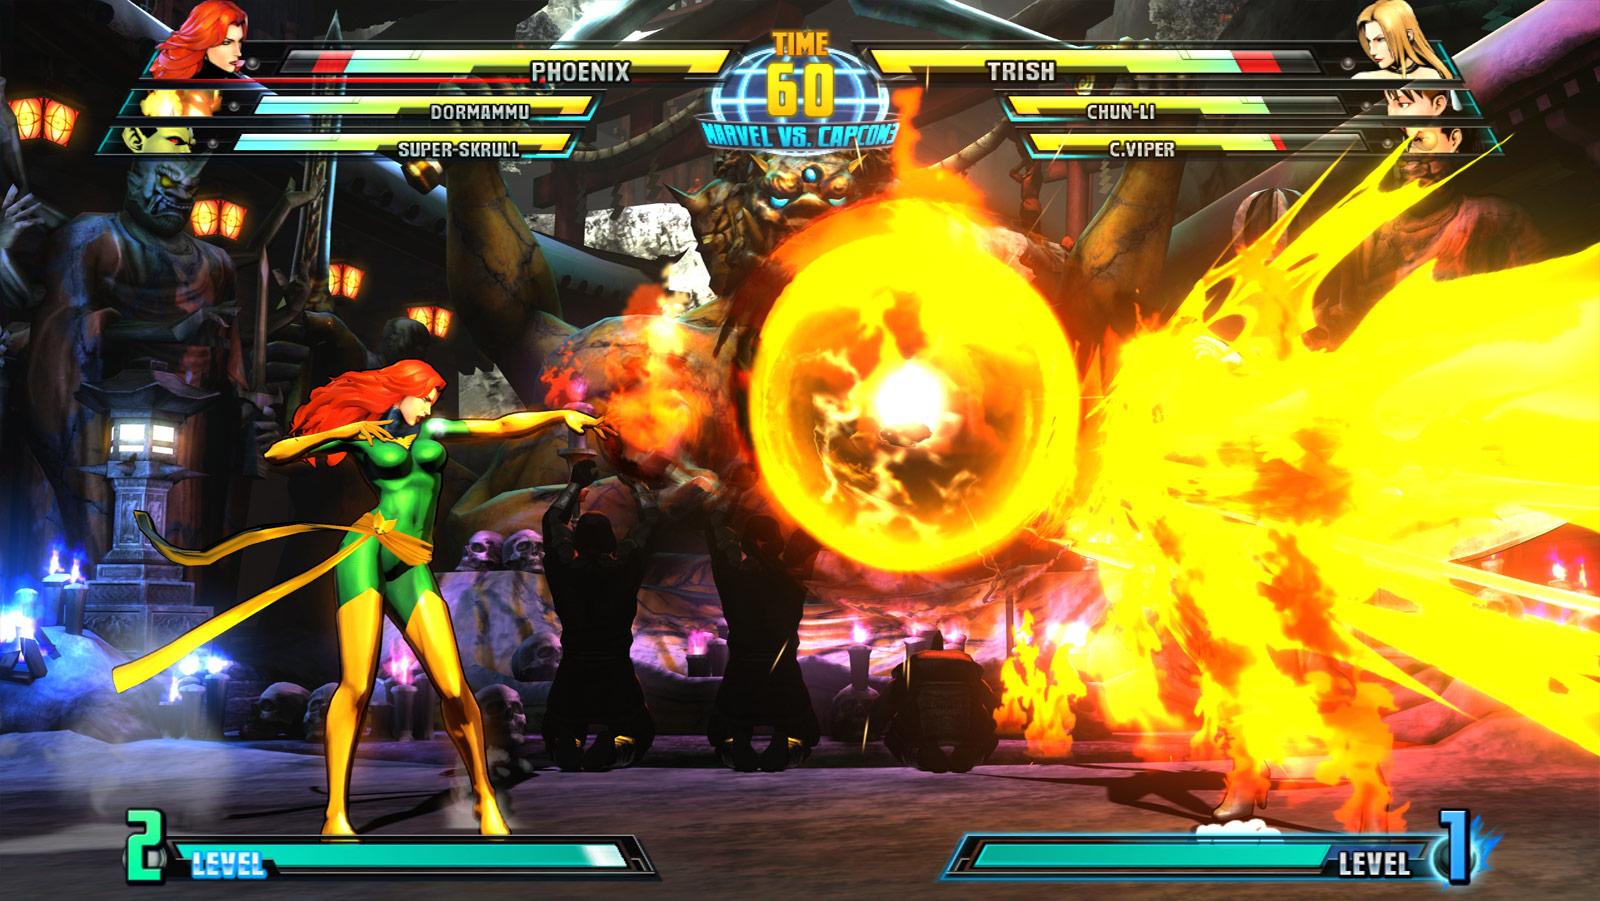 Phoenix and Haggar screen shots for Marvel vs. Capcom 3 #18